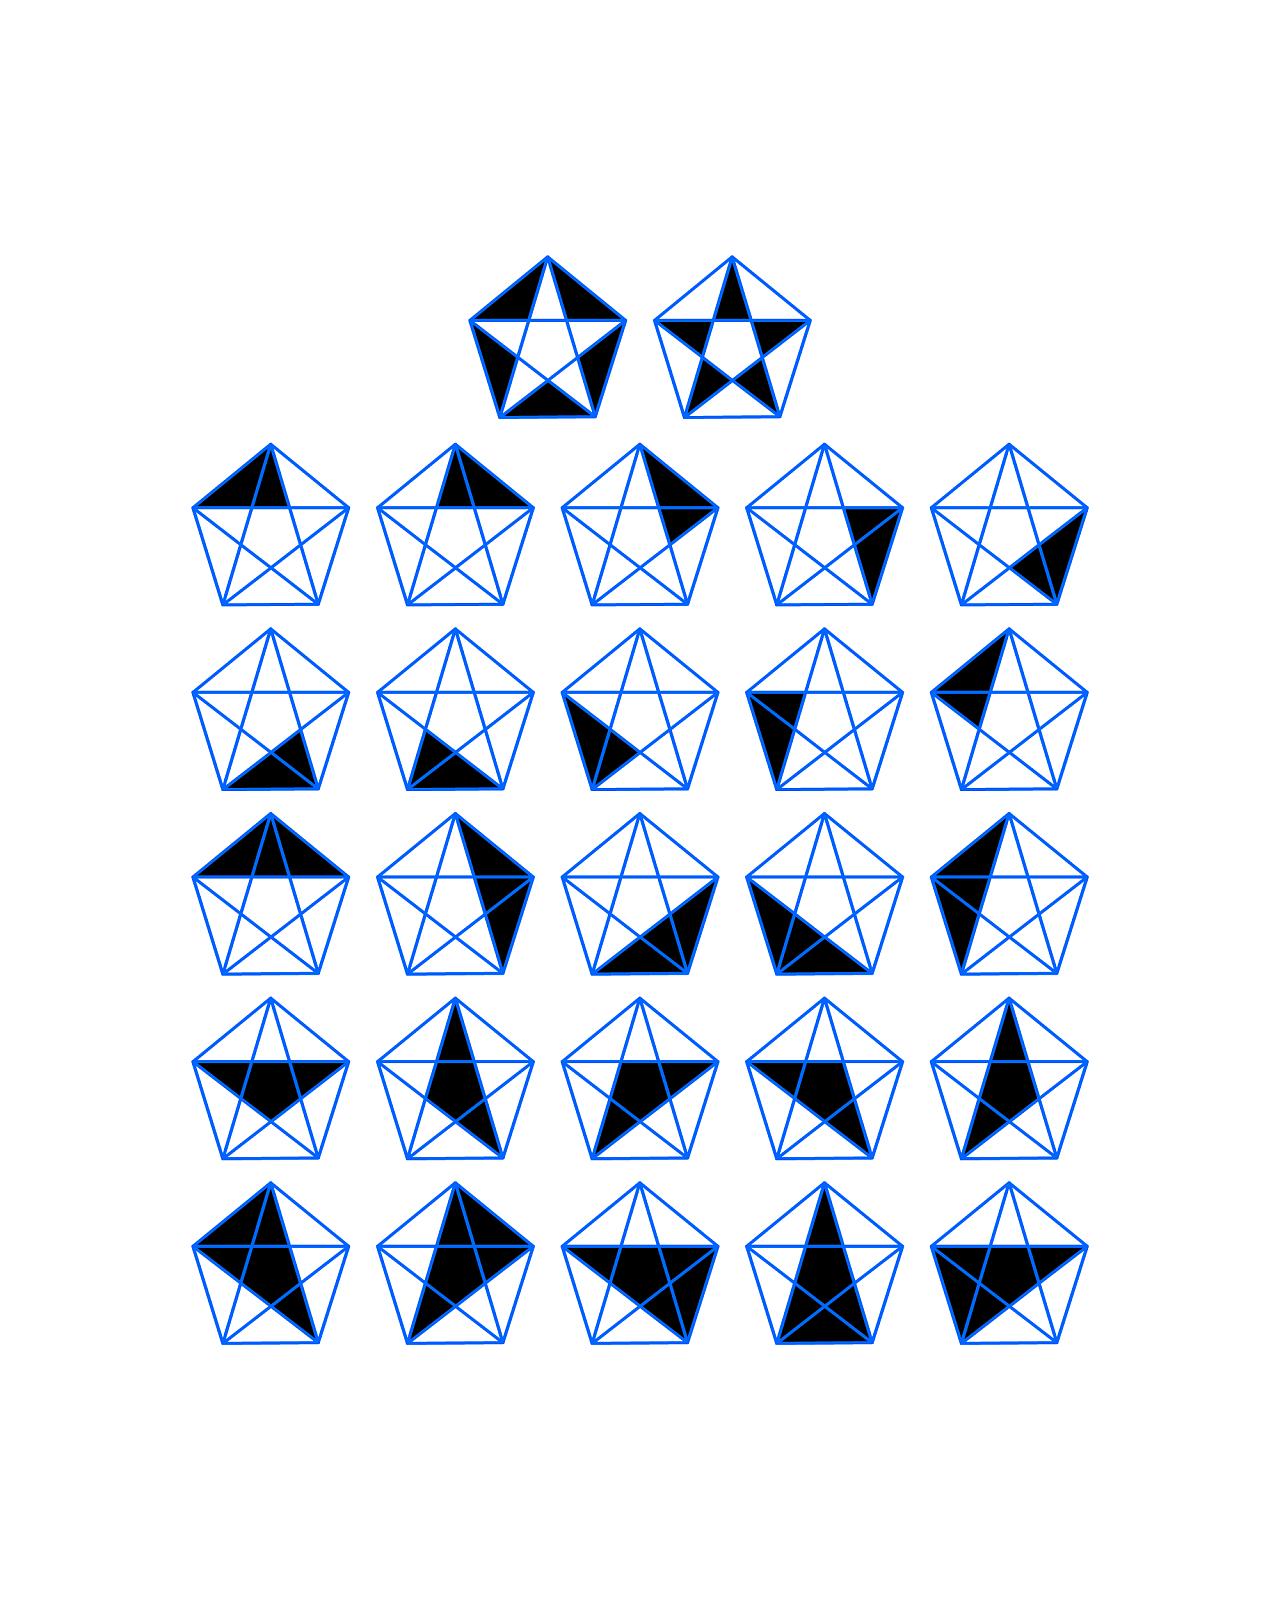 正五边形+五角星=多少个三角形?|平面|图案|M